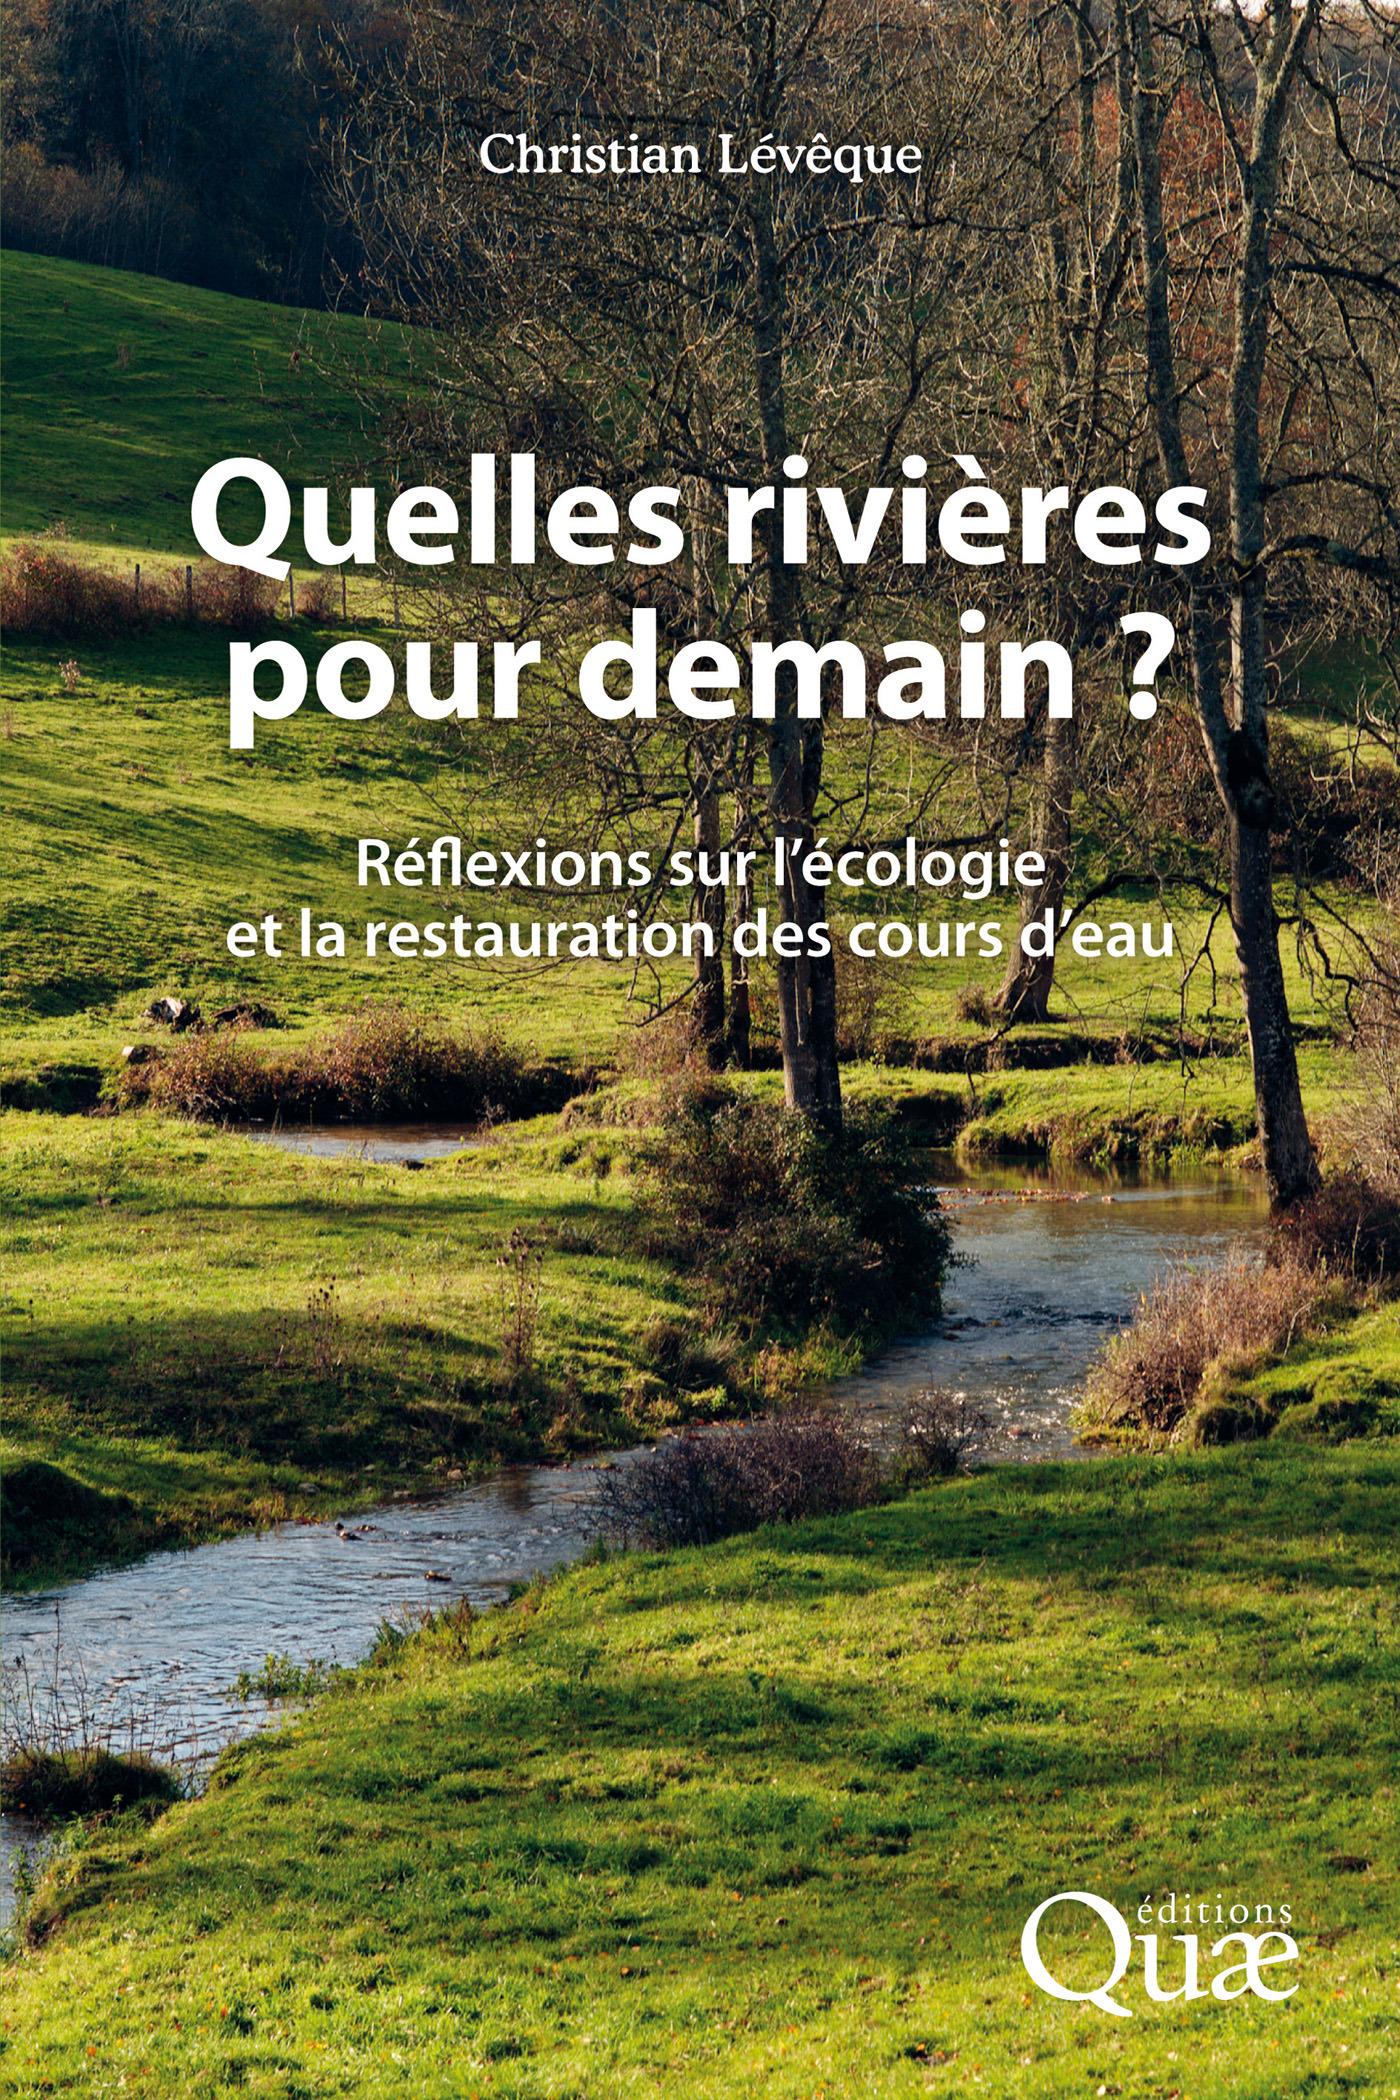 Quelles rivières pour demain ? ; réflexions sur l'écologie et la restauration des cours d'eau